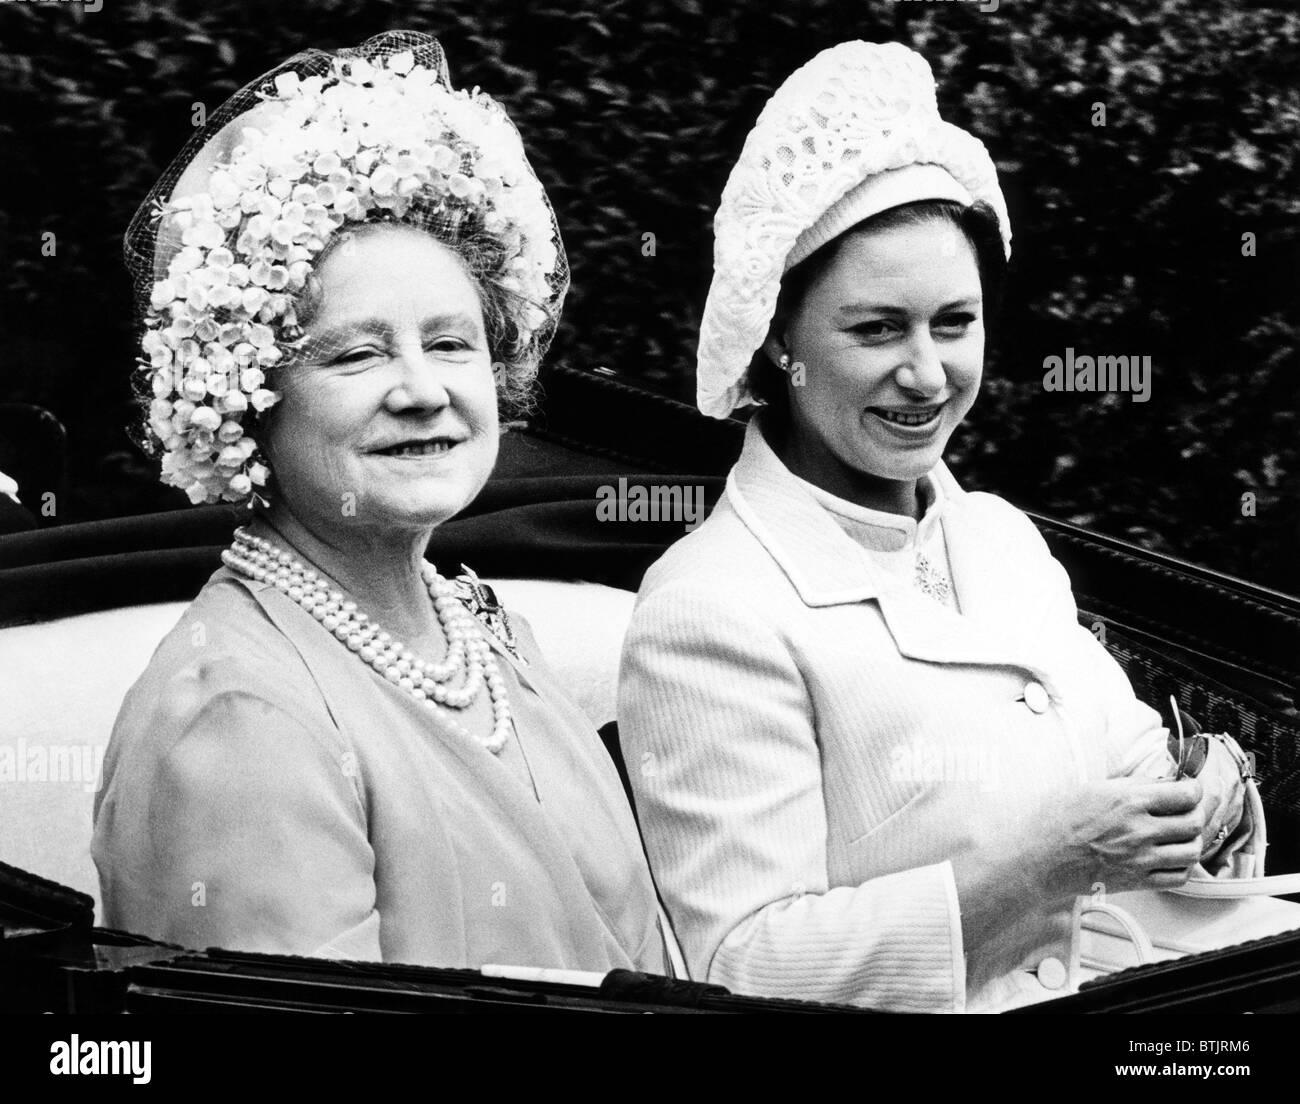 La reine Elizabeth (la reine mère), la princesse Margaret, arrivant le premier jour du Royal Ascot Races en Photo Stock